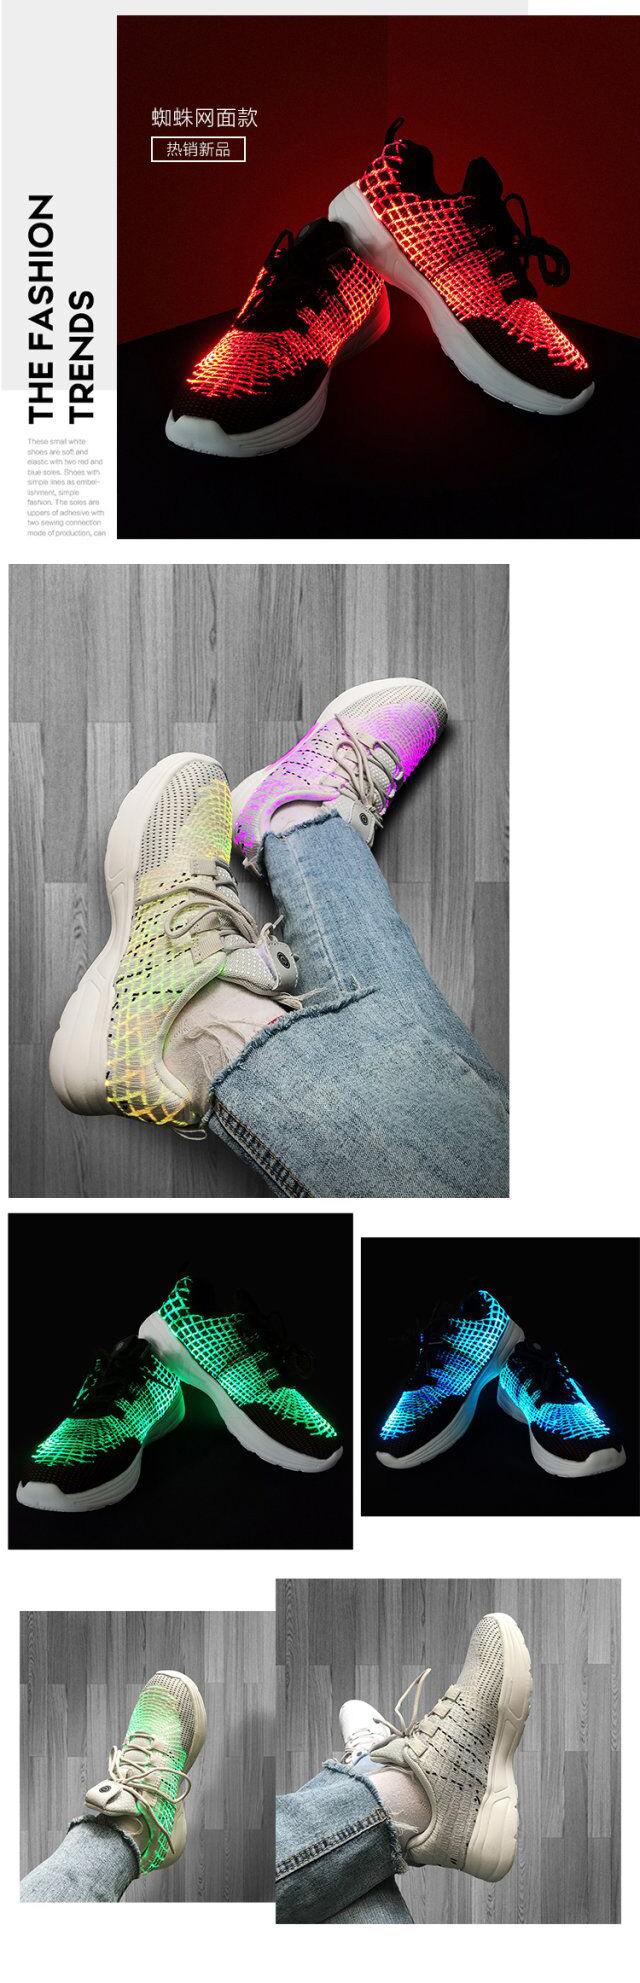 鞋子_03.jpg